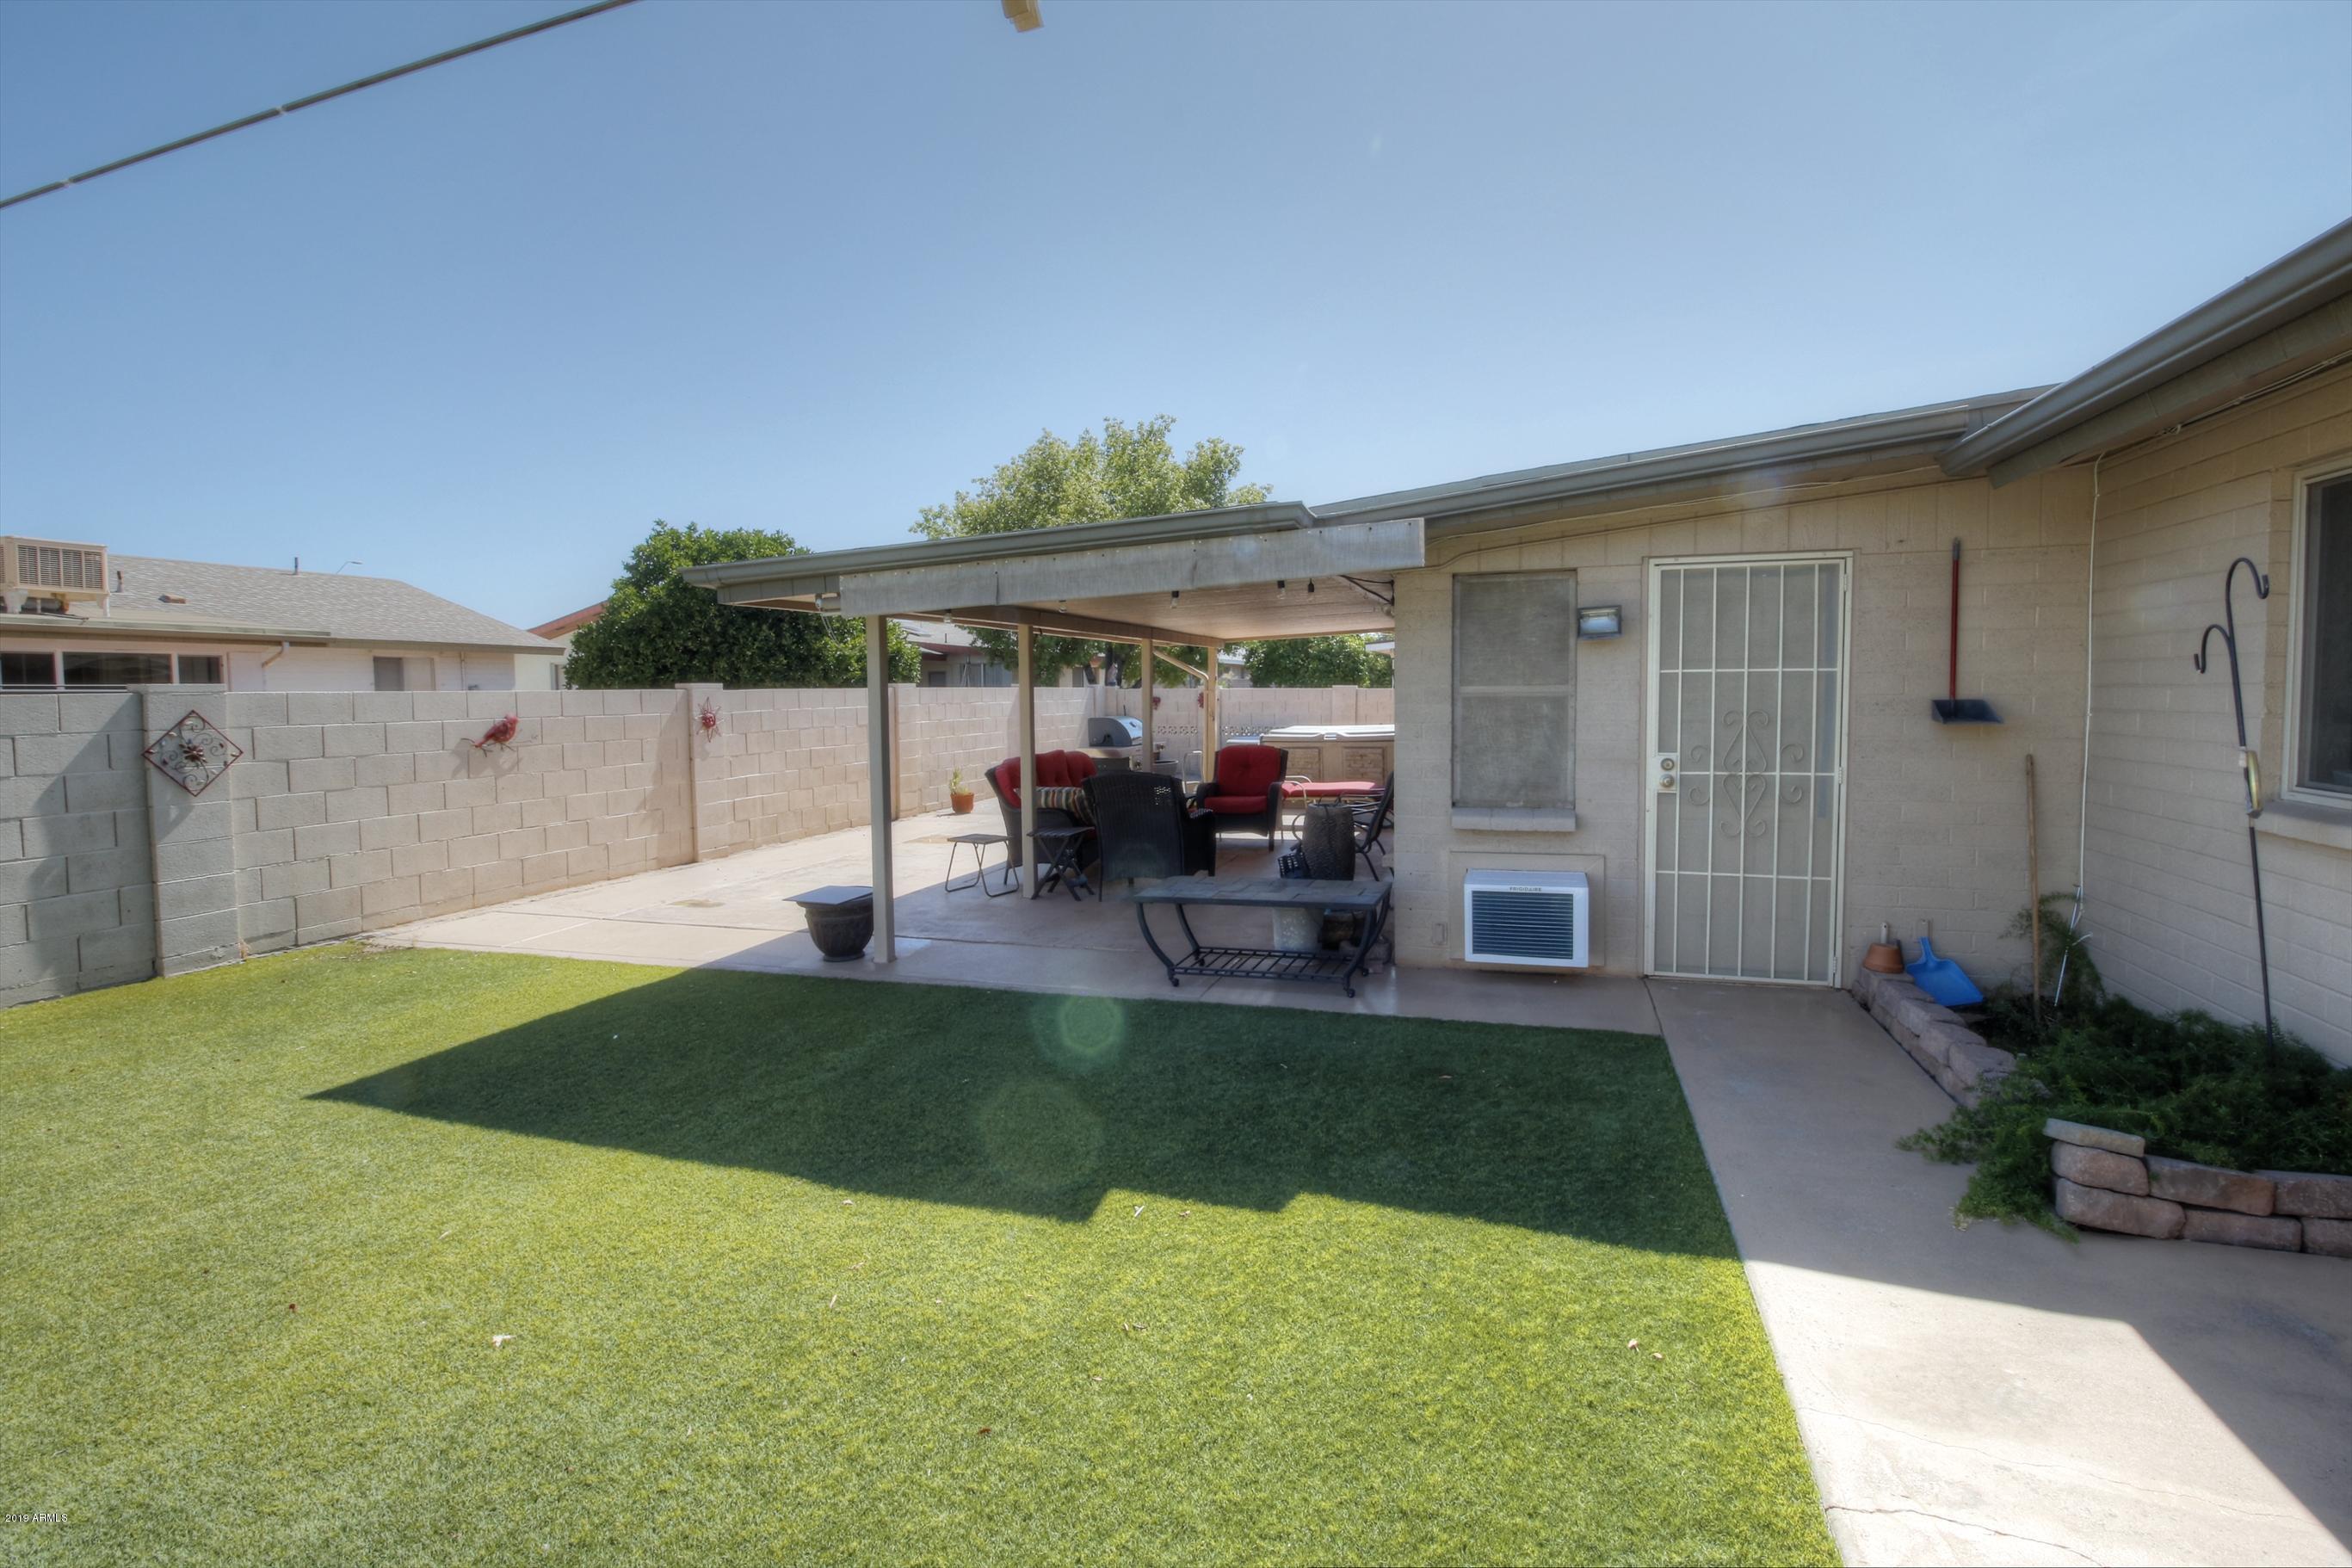 MLS 5954194 5142 E FLORIAN Circle, Mesa, AZ 85206 Mesa AZ Sunland Village